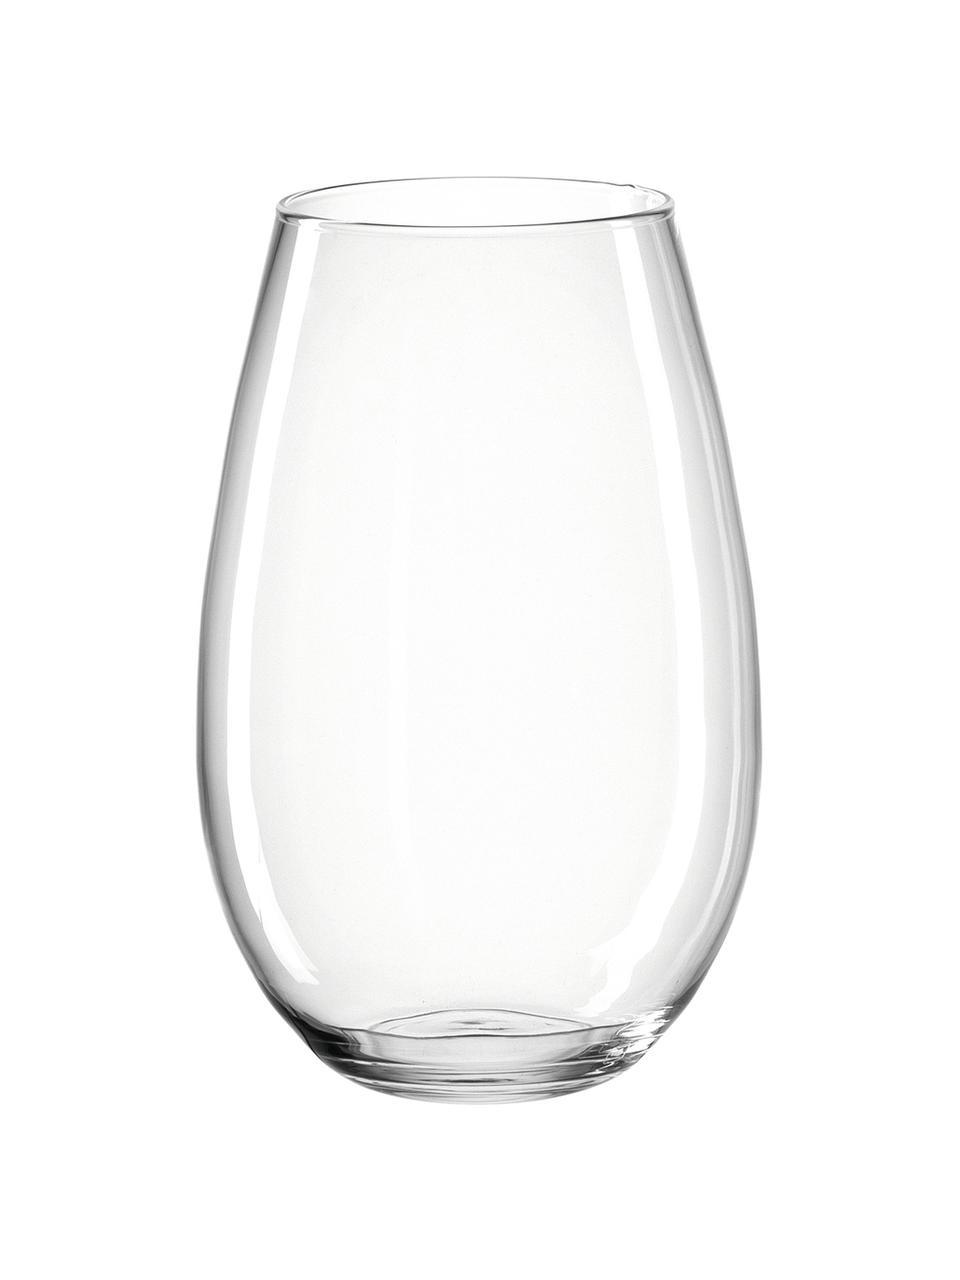 Handgefertigte Glasvase Casolare, Glas, Transparent, Ø 22 x H 35 cm